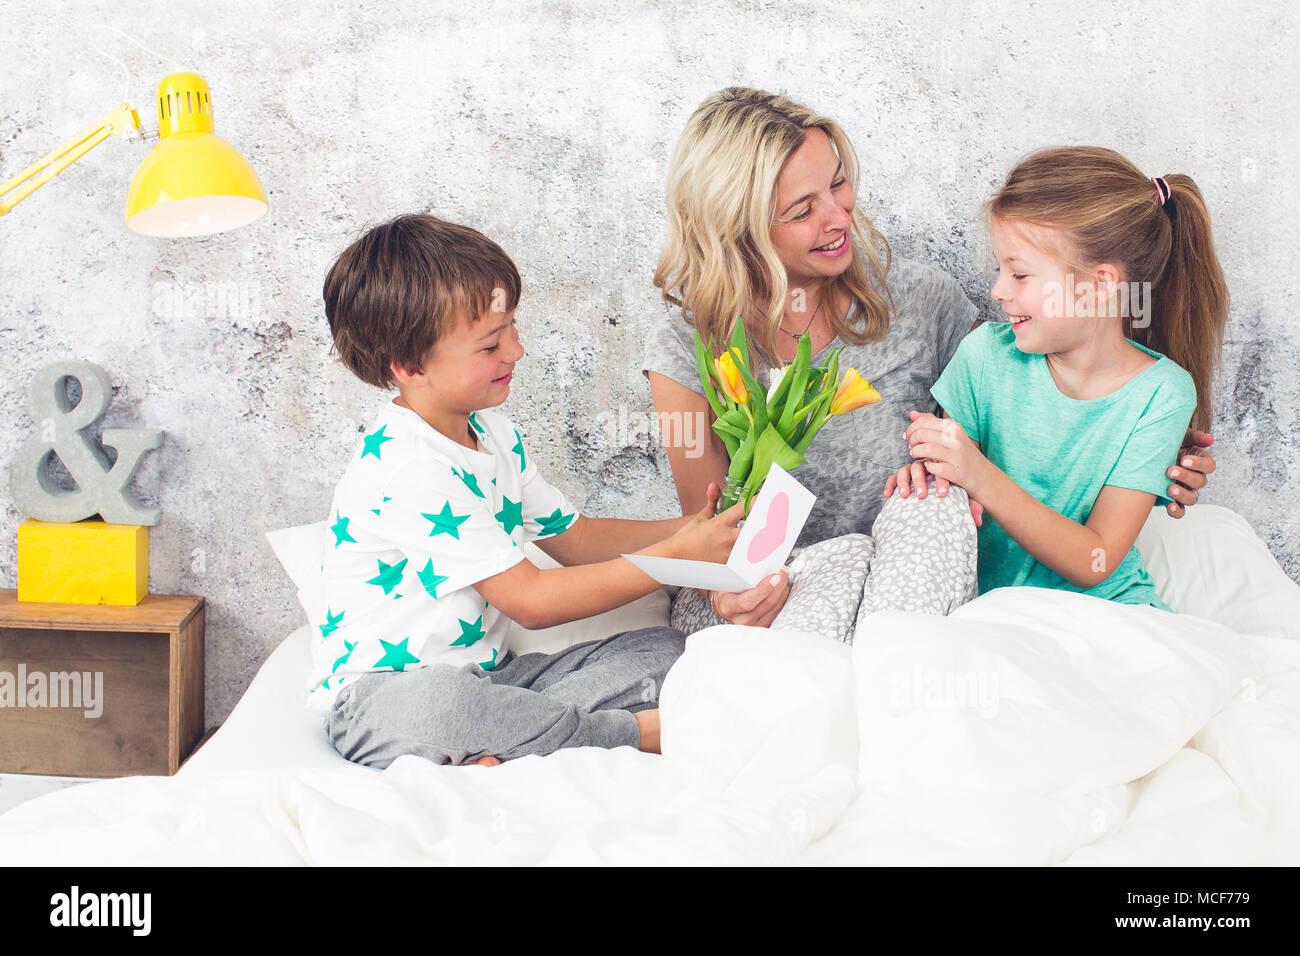 Happy Family - féliciter les enfants pour la Fête des Mères Photo Stock